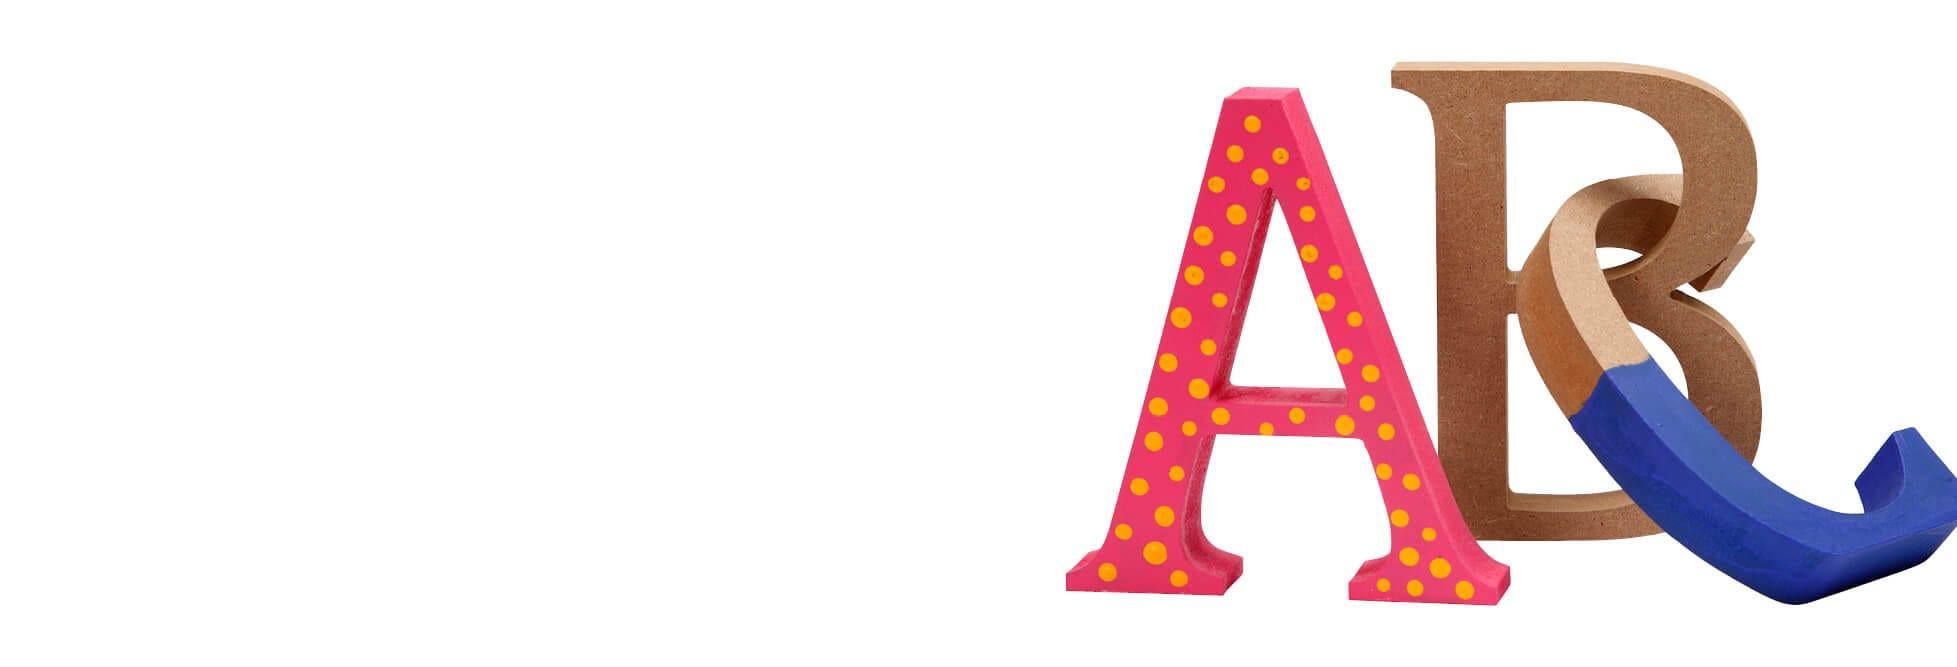 Lettres, chiffres et mots